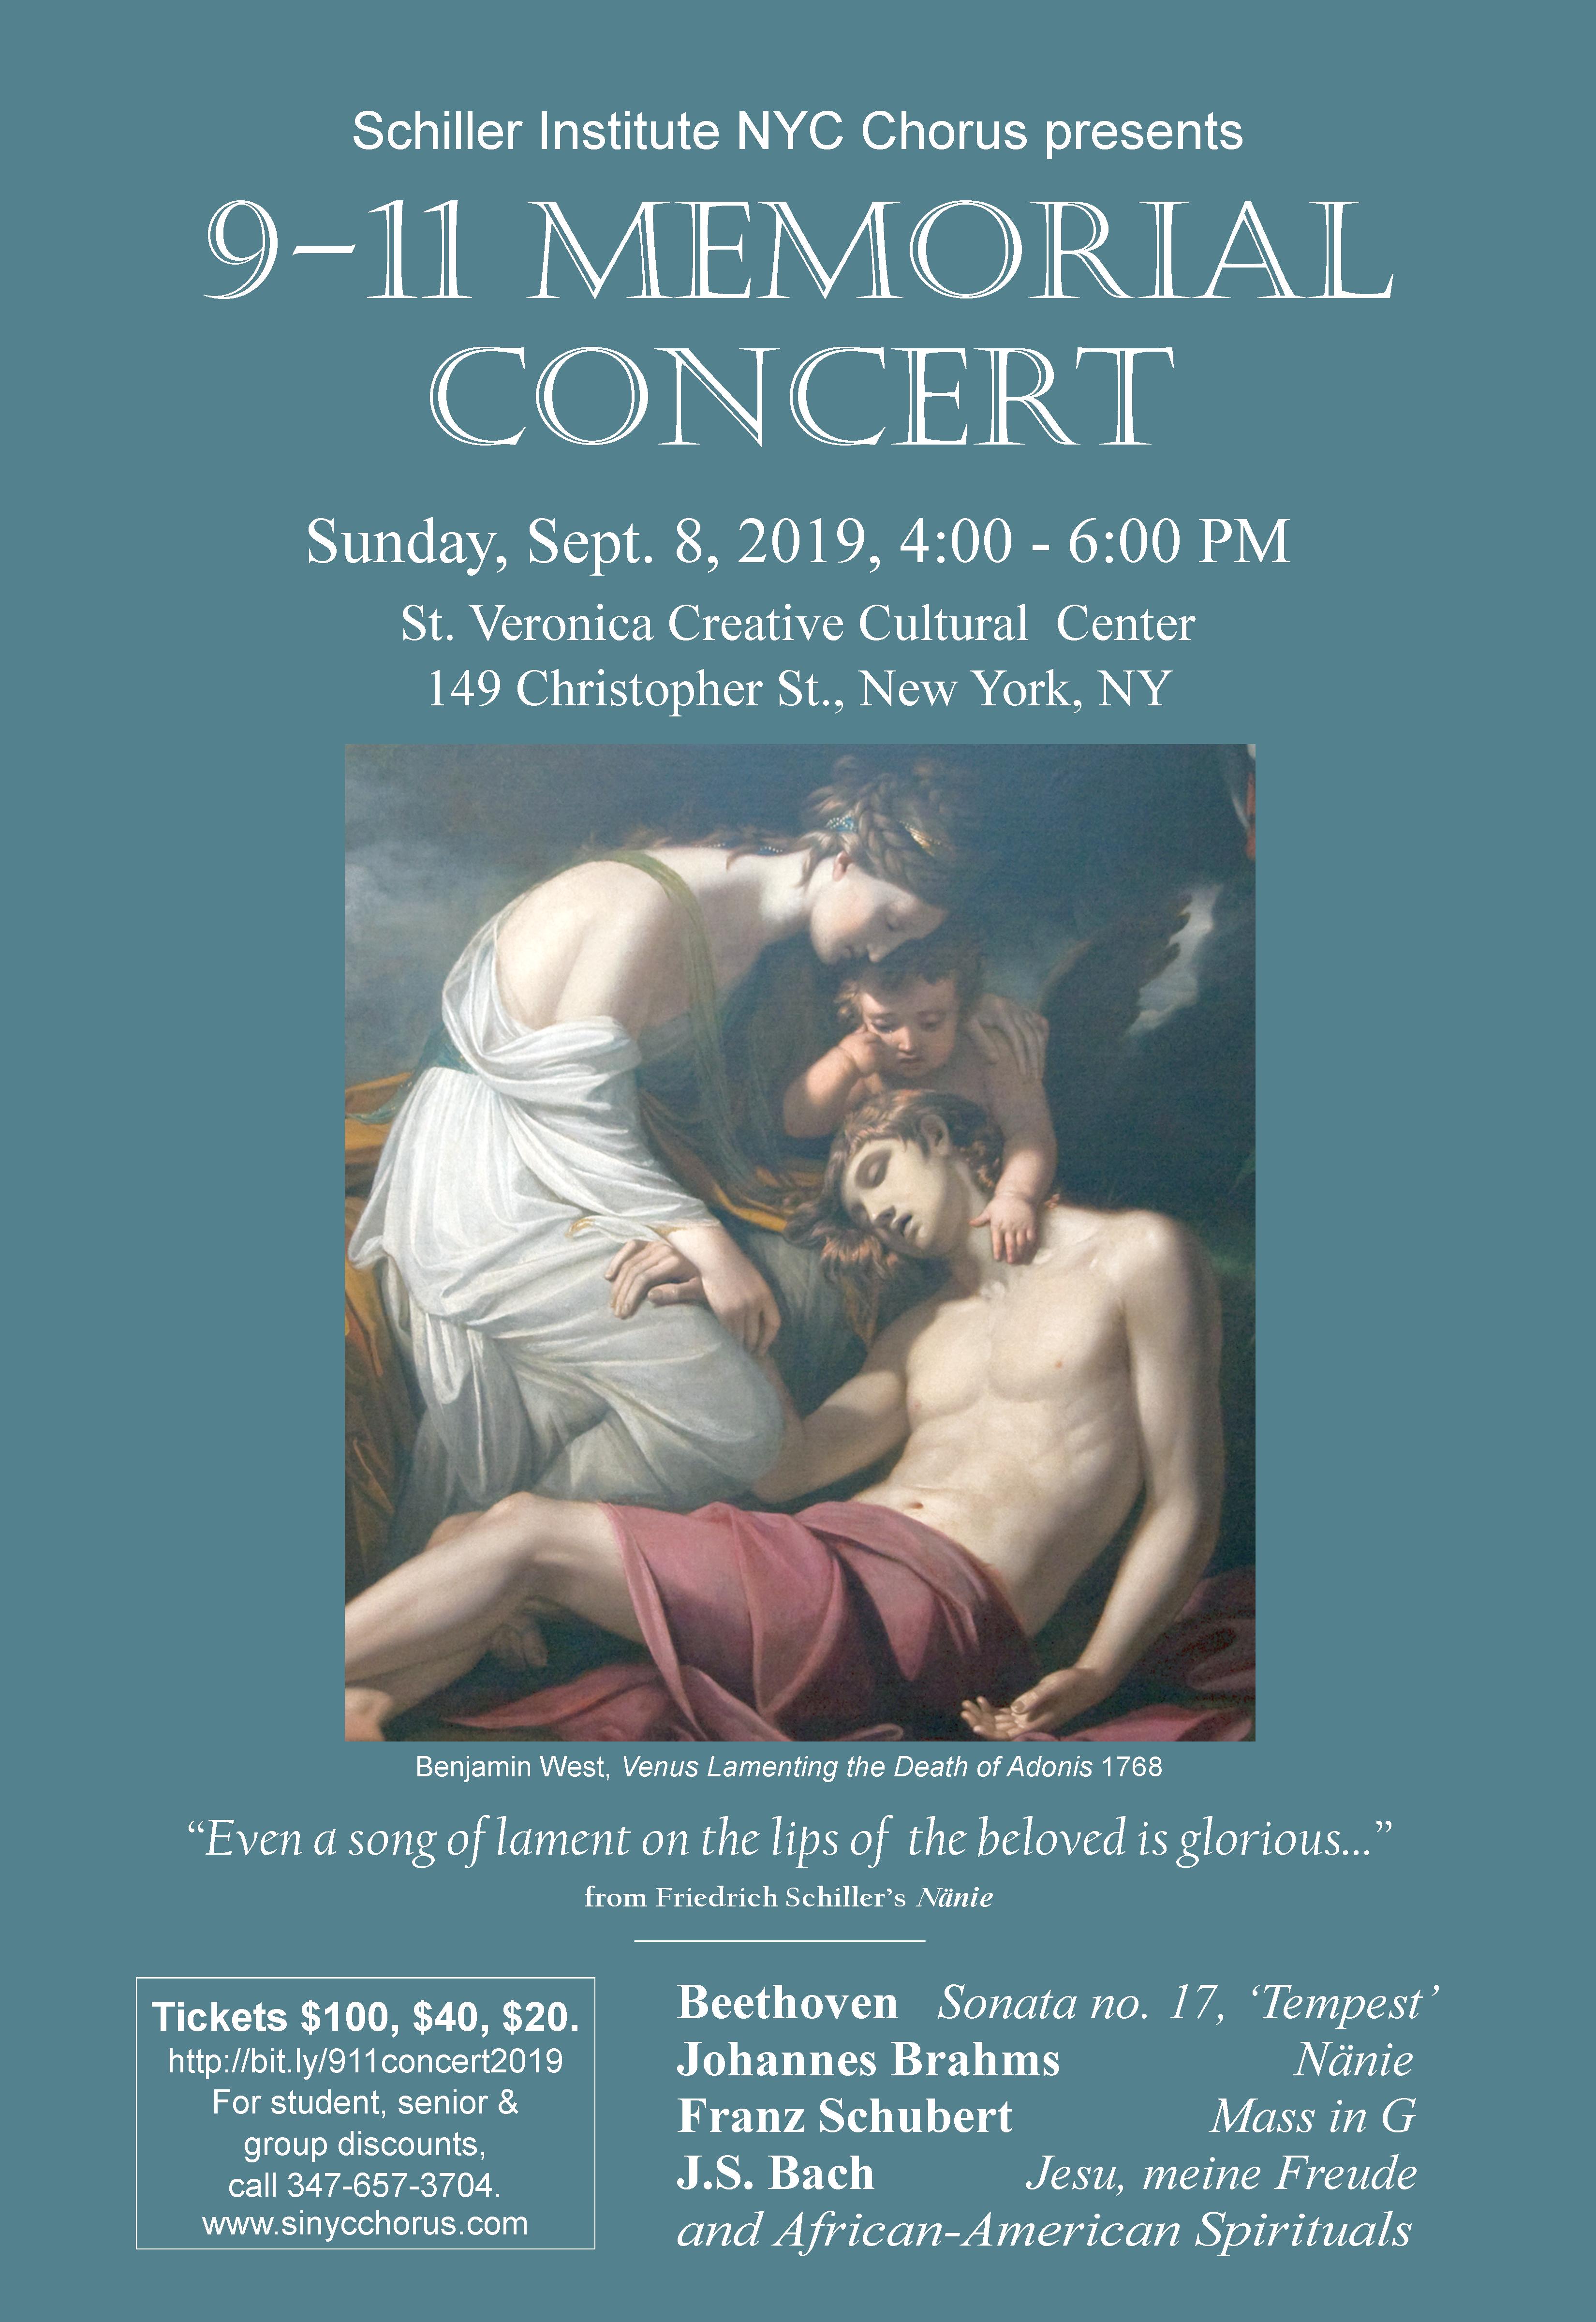 9/11 movie 2019 9 11 2019 Memorial Concert Schiller Institute NYC Chorus